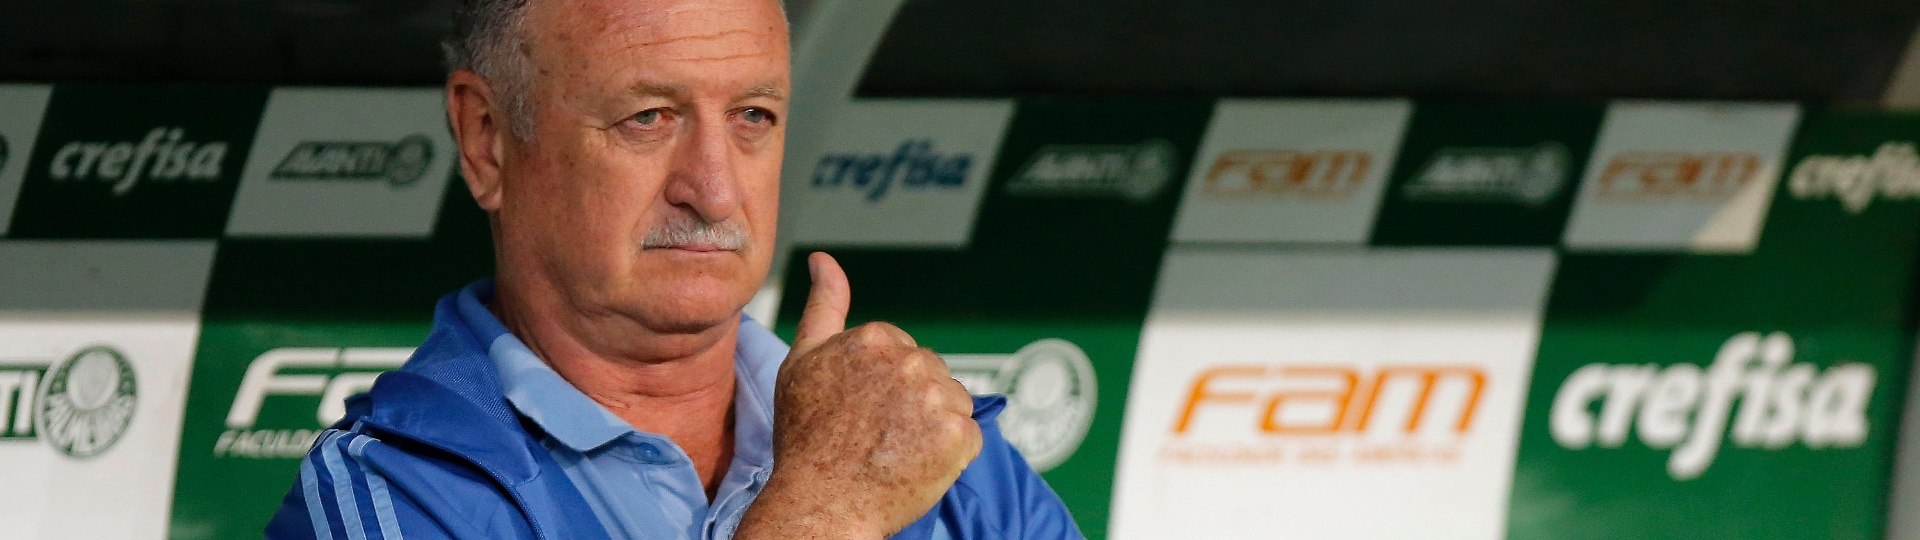 Felipão comanda o Palmeiras em jogo contra o Fluminense